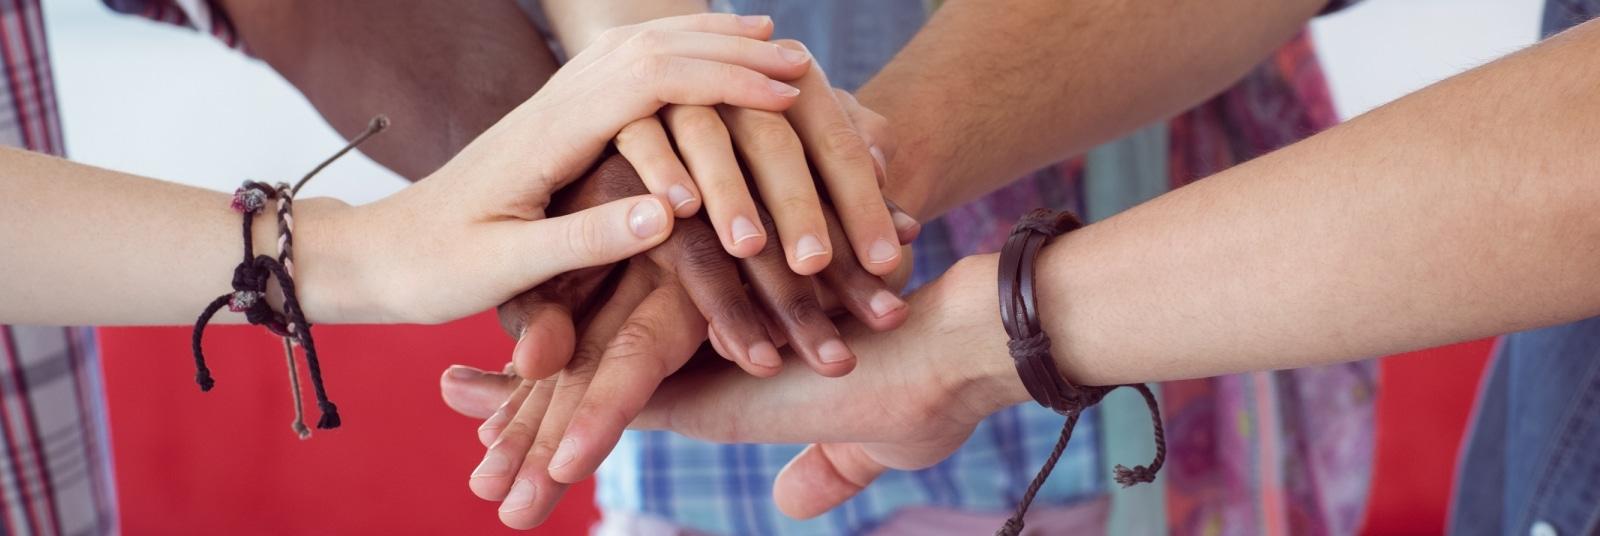 Maak van jouw klanten vertegenwoordigers en bereik gezamenlijk voordeel